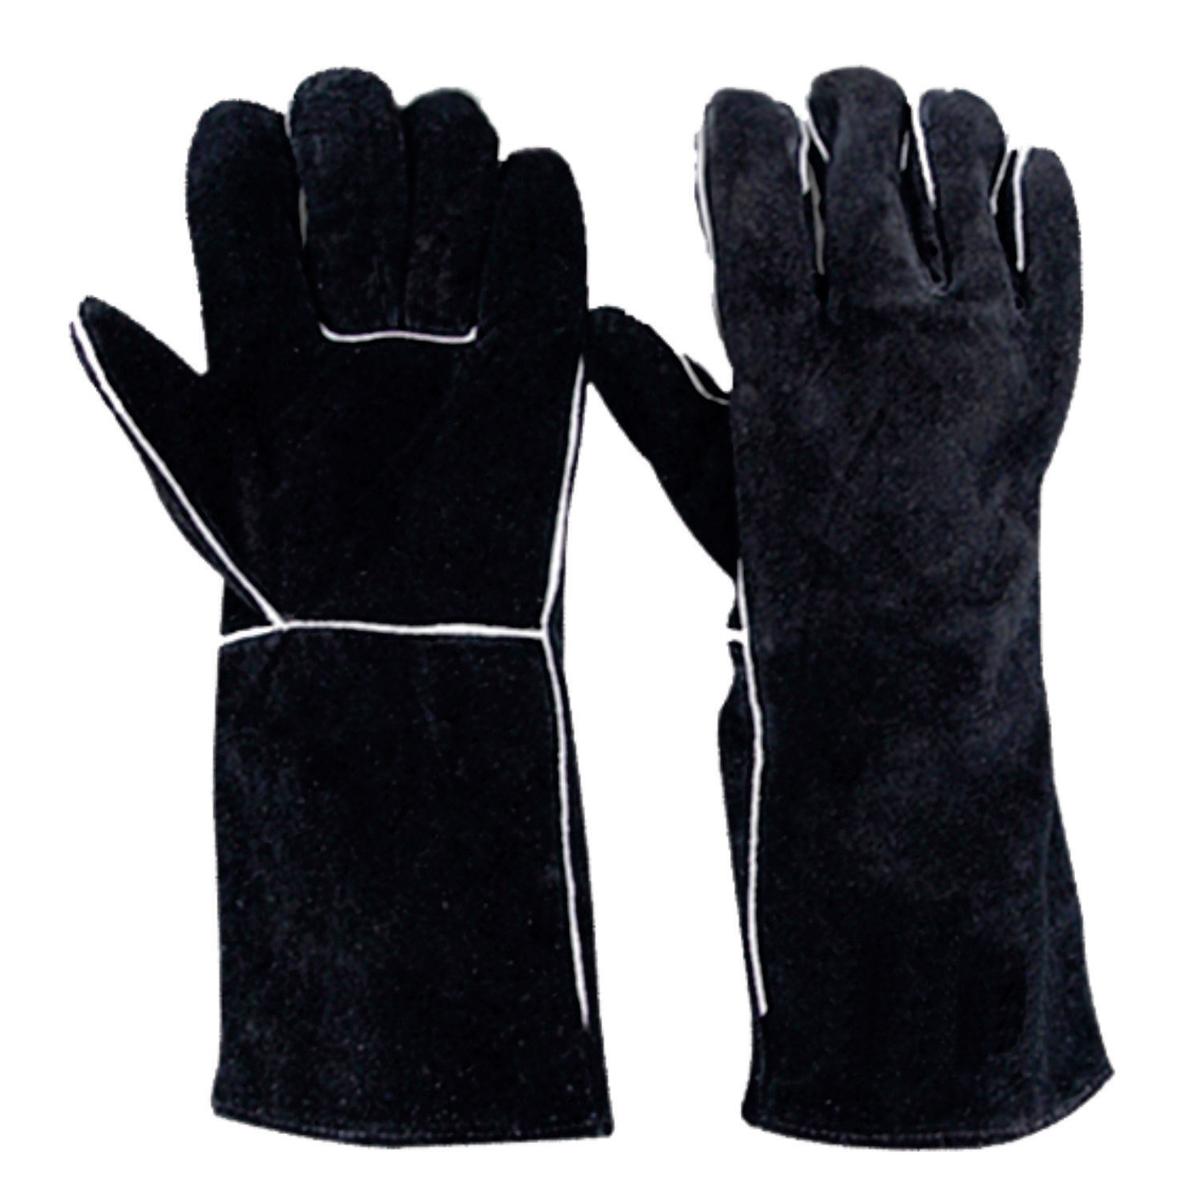 LD-335-BLK Welders Gloves Heat Resistance